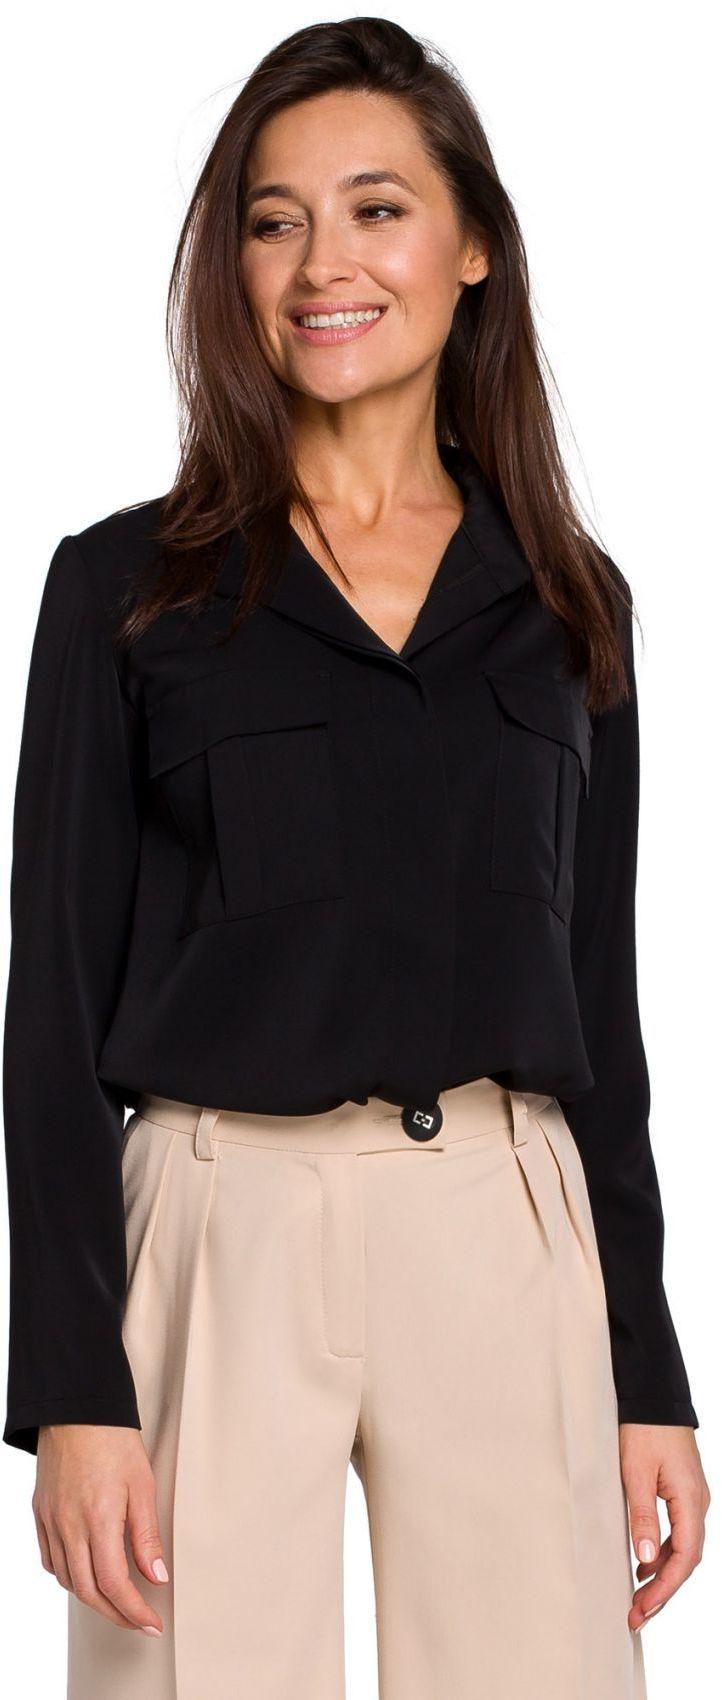 S144 Bluzka koszulowa z kieszeniami - czarna